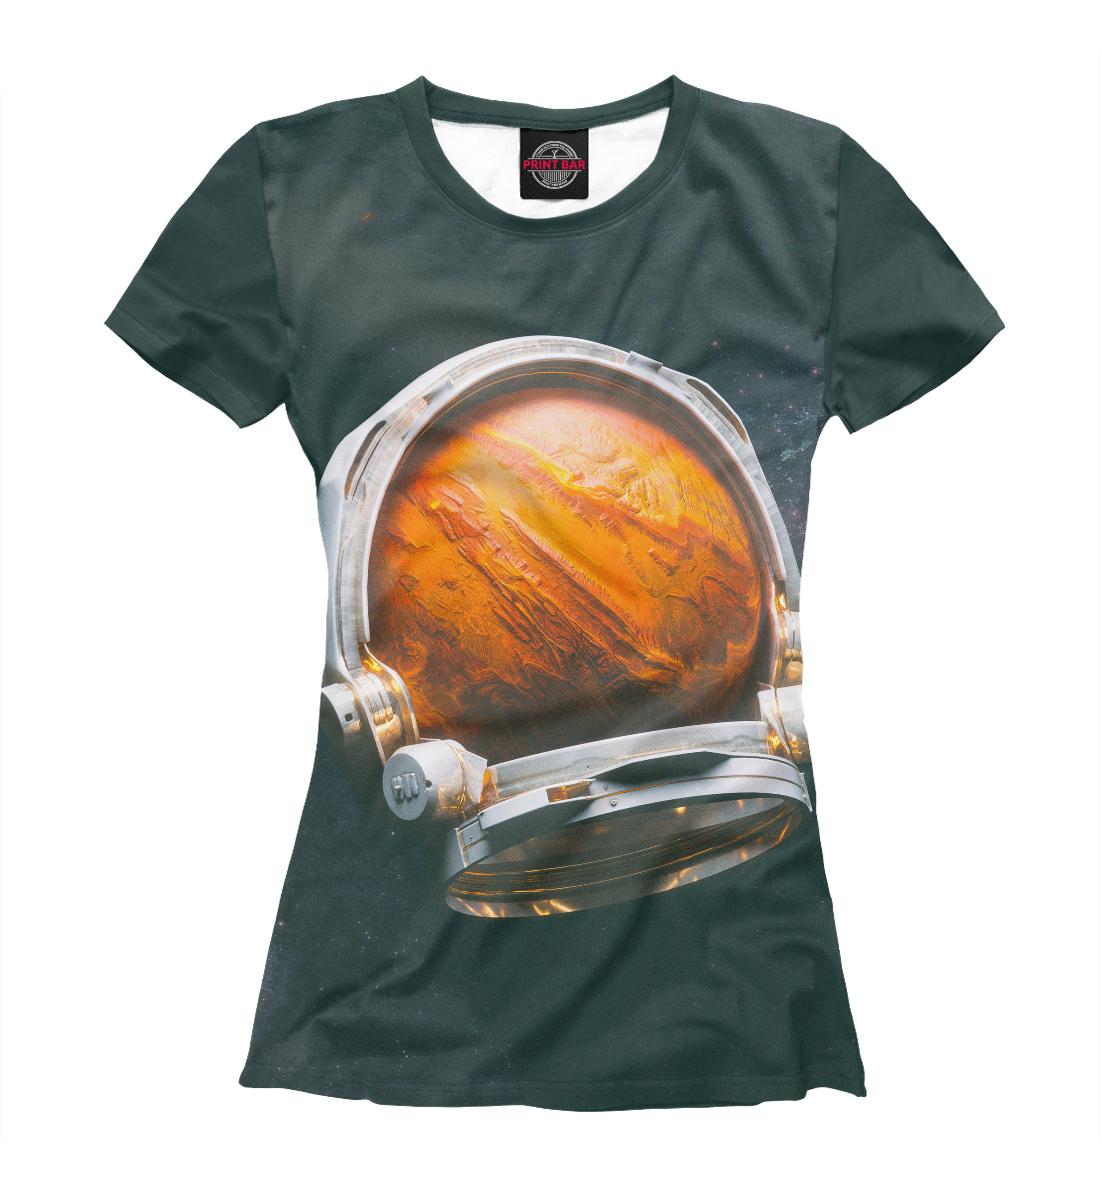 Купить Космос, Printbar, Футболки, PSY-983189-fut-1